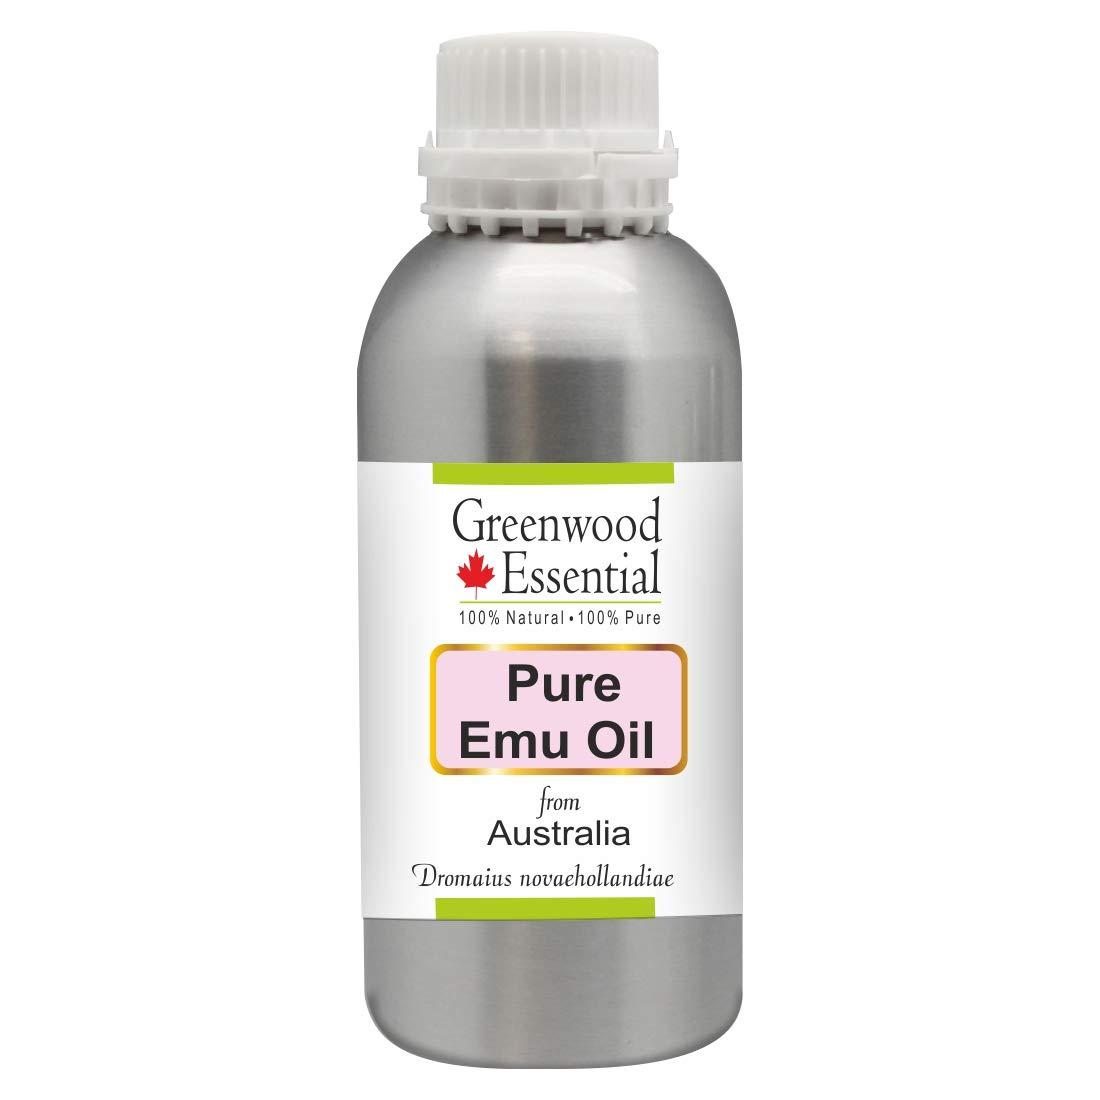 Greenwood Essential Pure Emu Oil (Dromaius novaehollandiae) Premium Therapeutic Grade for Hair, Skin 630ml (21 oz)